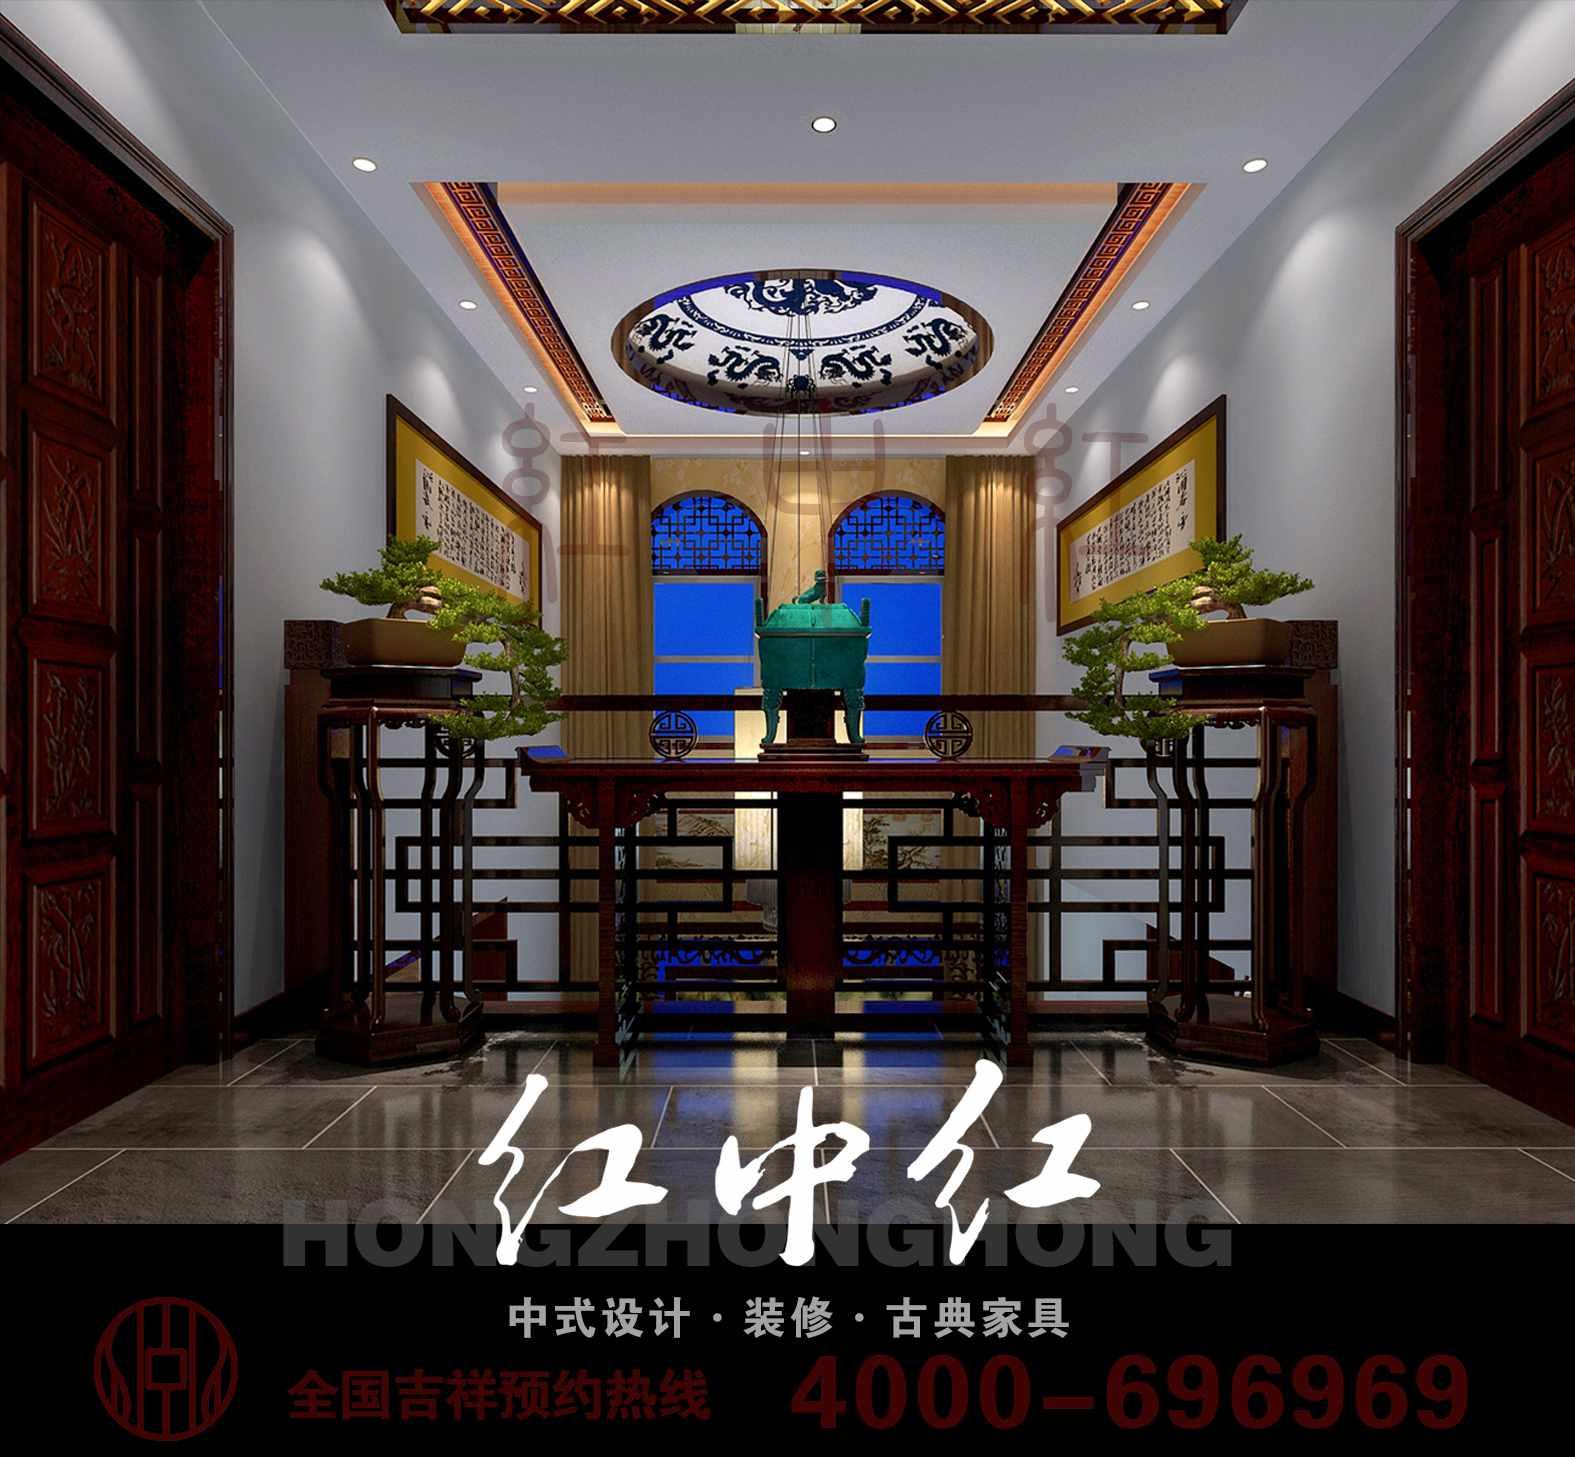 本案是由红中红中式设计机构设计的一套自然清新的中式装修效果图,因为主人热爱中式文化,但更崇尚自然优雅之气,设计师在对于家居进行设计的时候,正是结合了古典艺术的美丽和满足现代家居生活需求的基础上,巧妙搭配,衬托了雅居丝丝绿意,暗香浮动,古韵古香,家居于此,忙碌之余、品位人生,与墨香为伴,不愧是一种很好的生活享受。